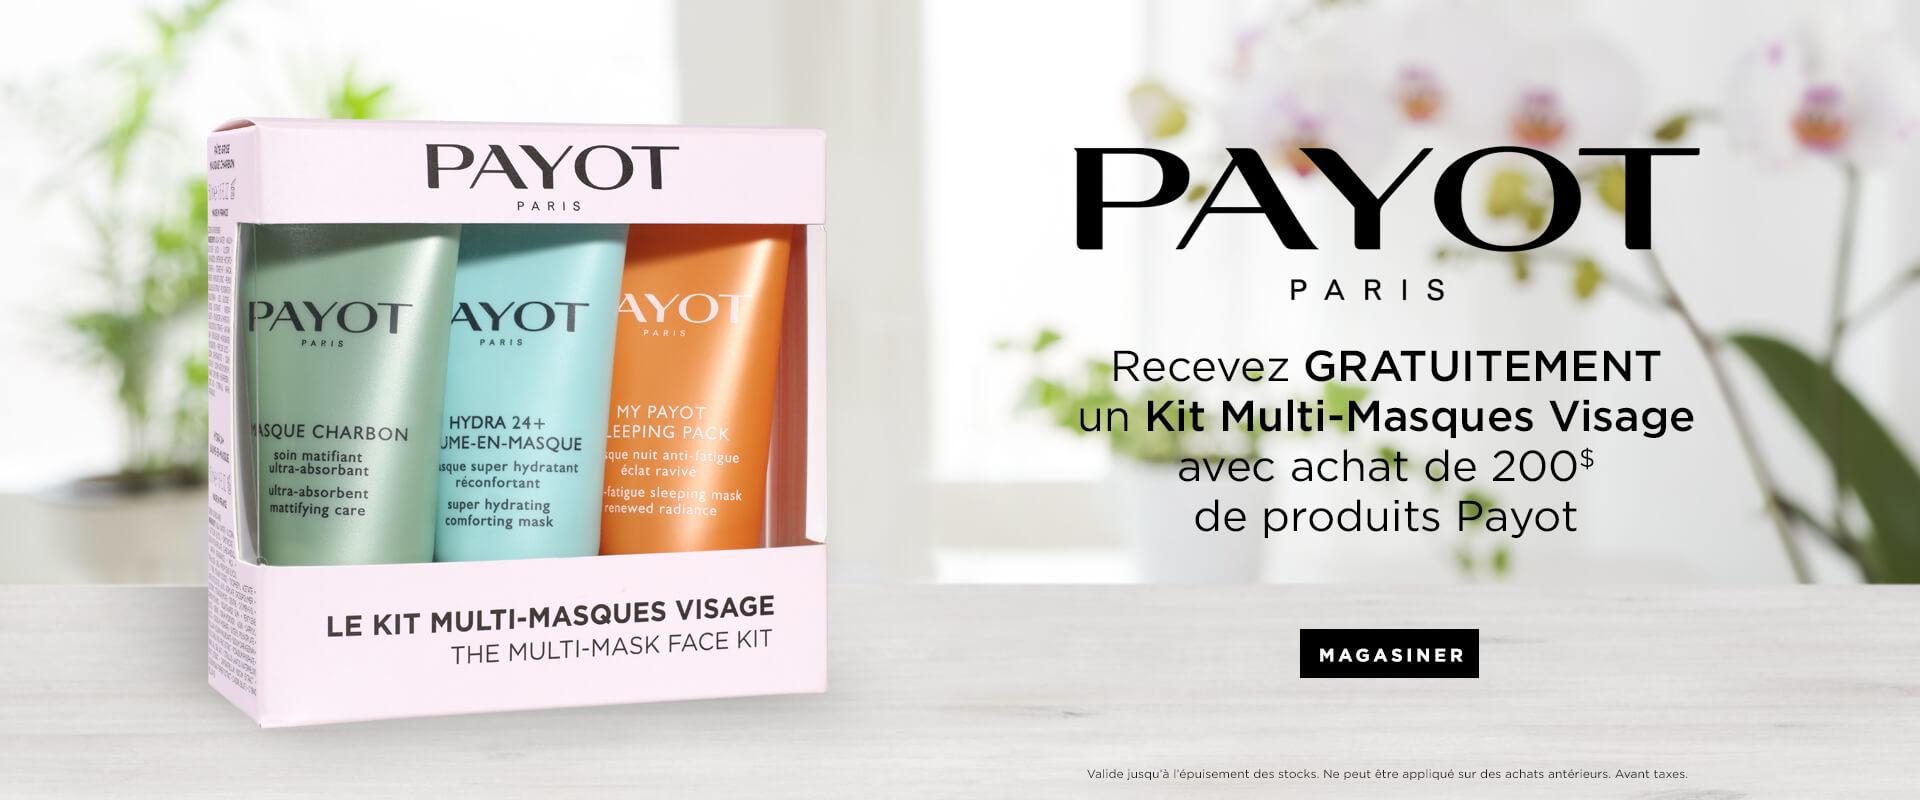 Recevez GRATUITEMENT un Kit Multi-Masques Vissage a l'achate de 200$ de produits Payot.